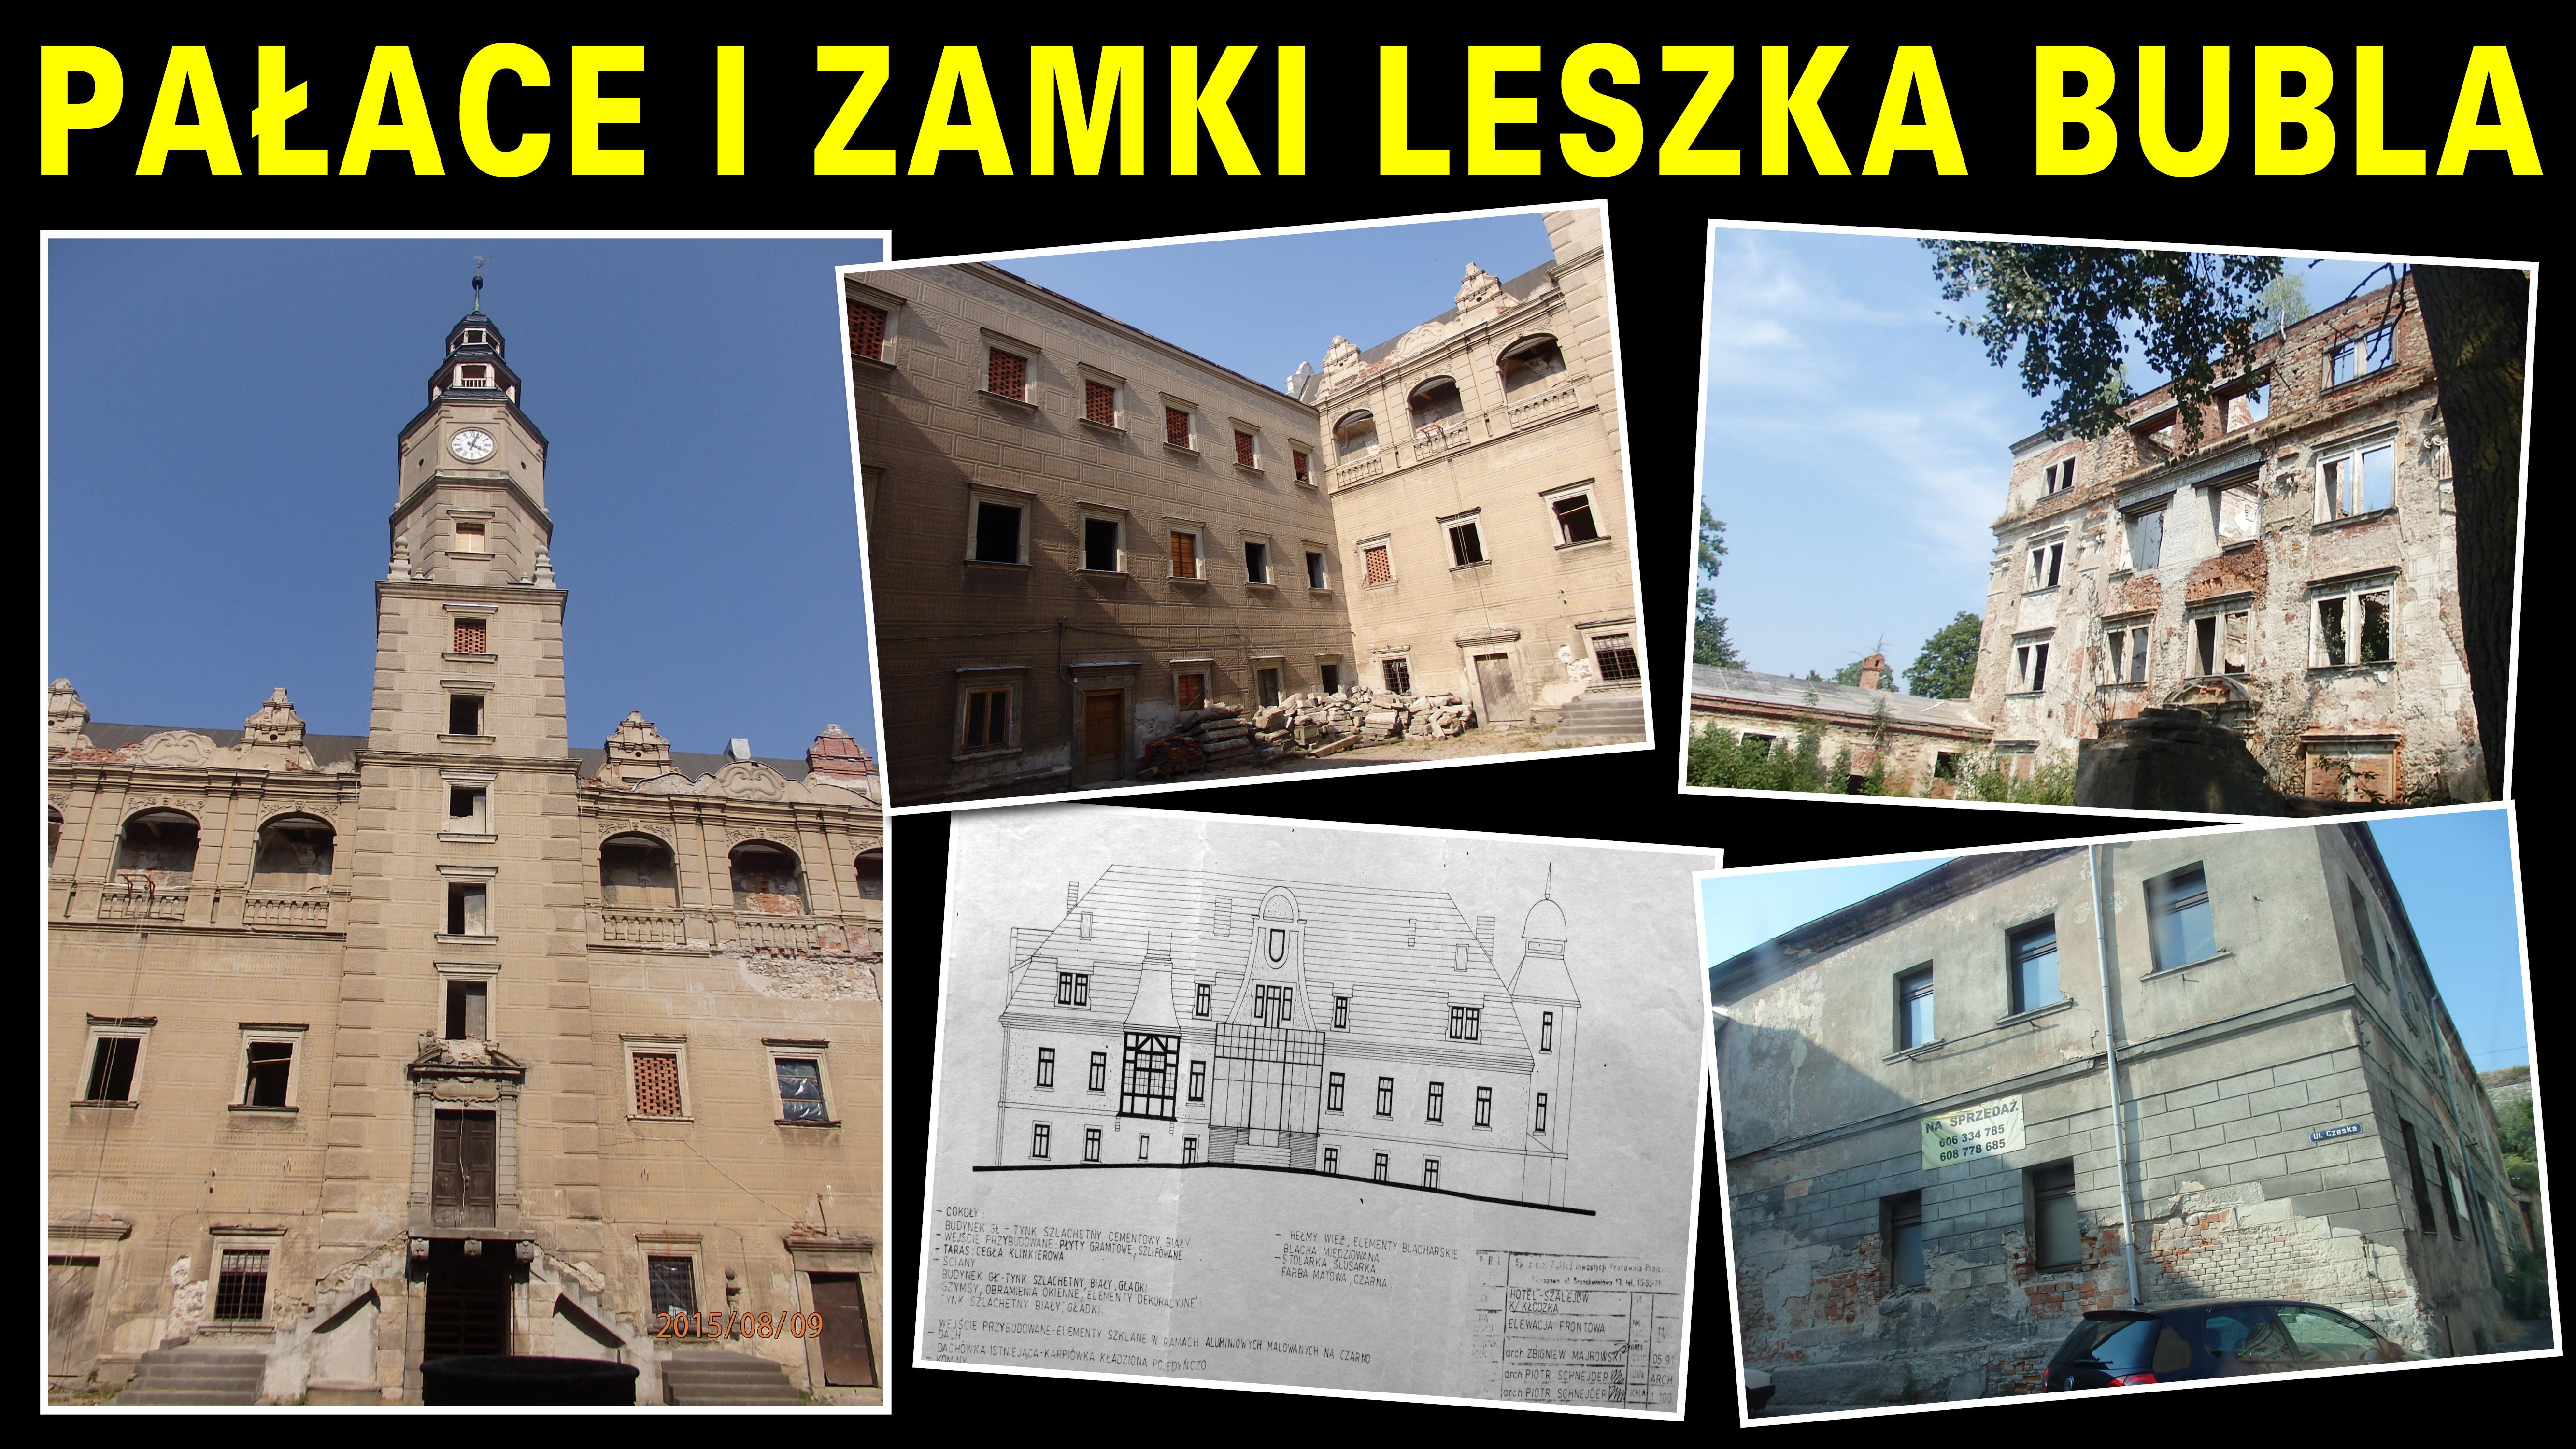 Pałace i zamki Leszka Bubla